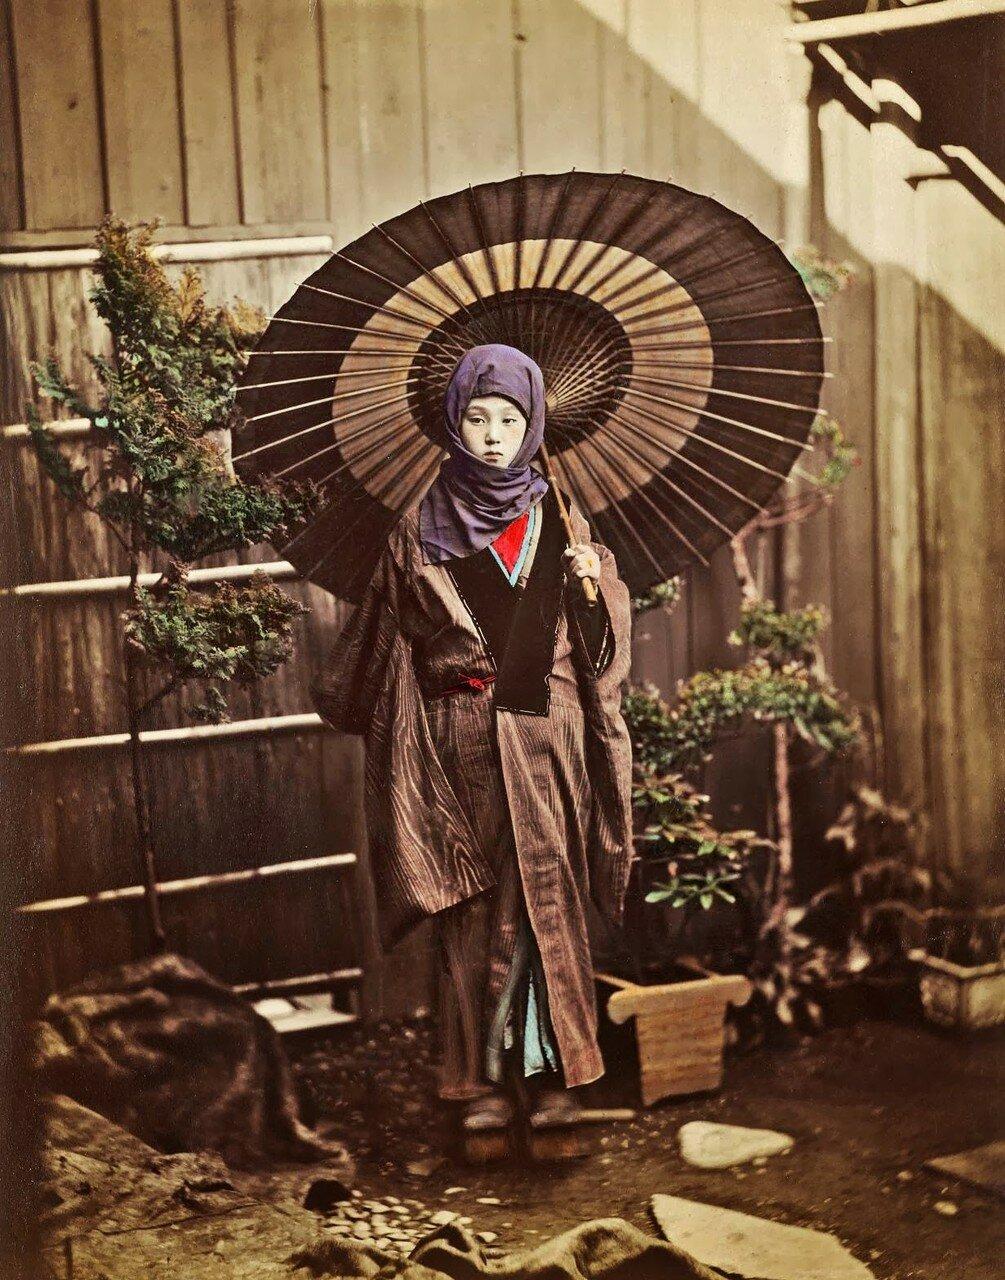 Одетая по зимнему японка с зонтиком